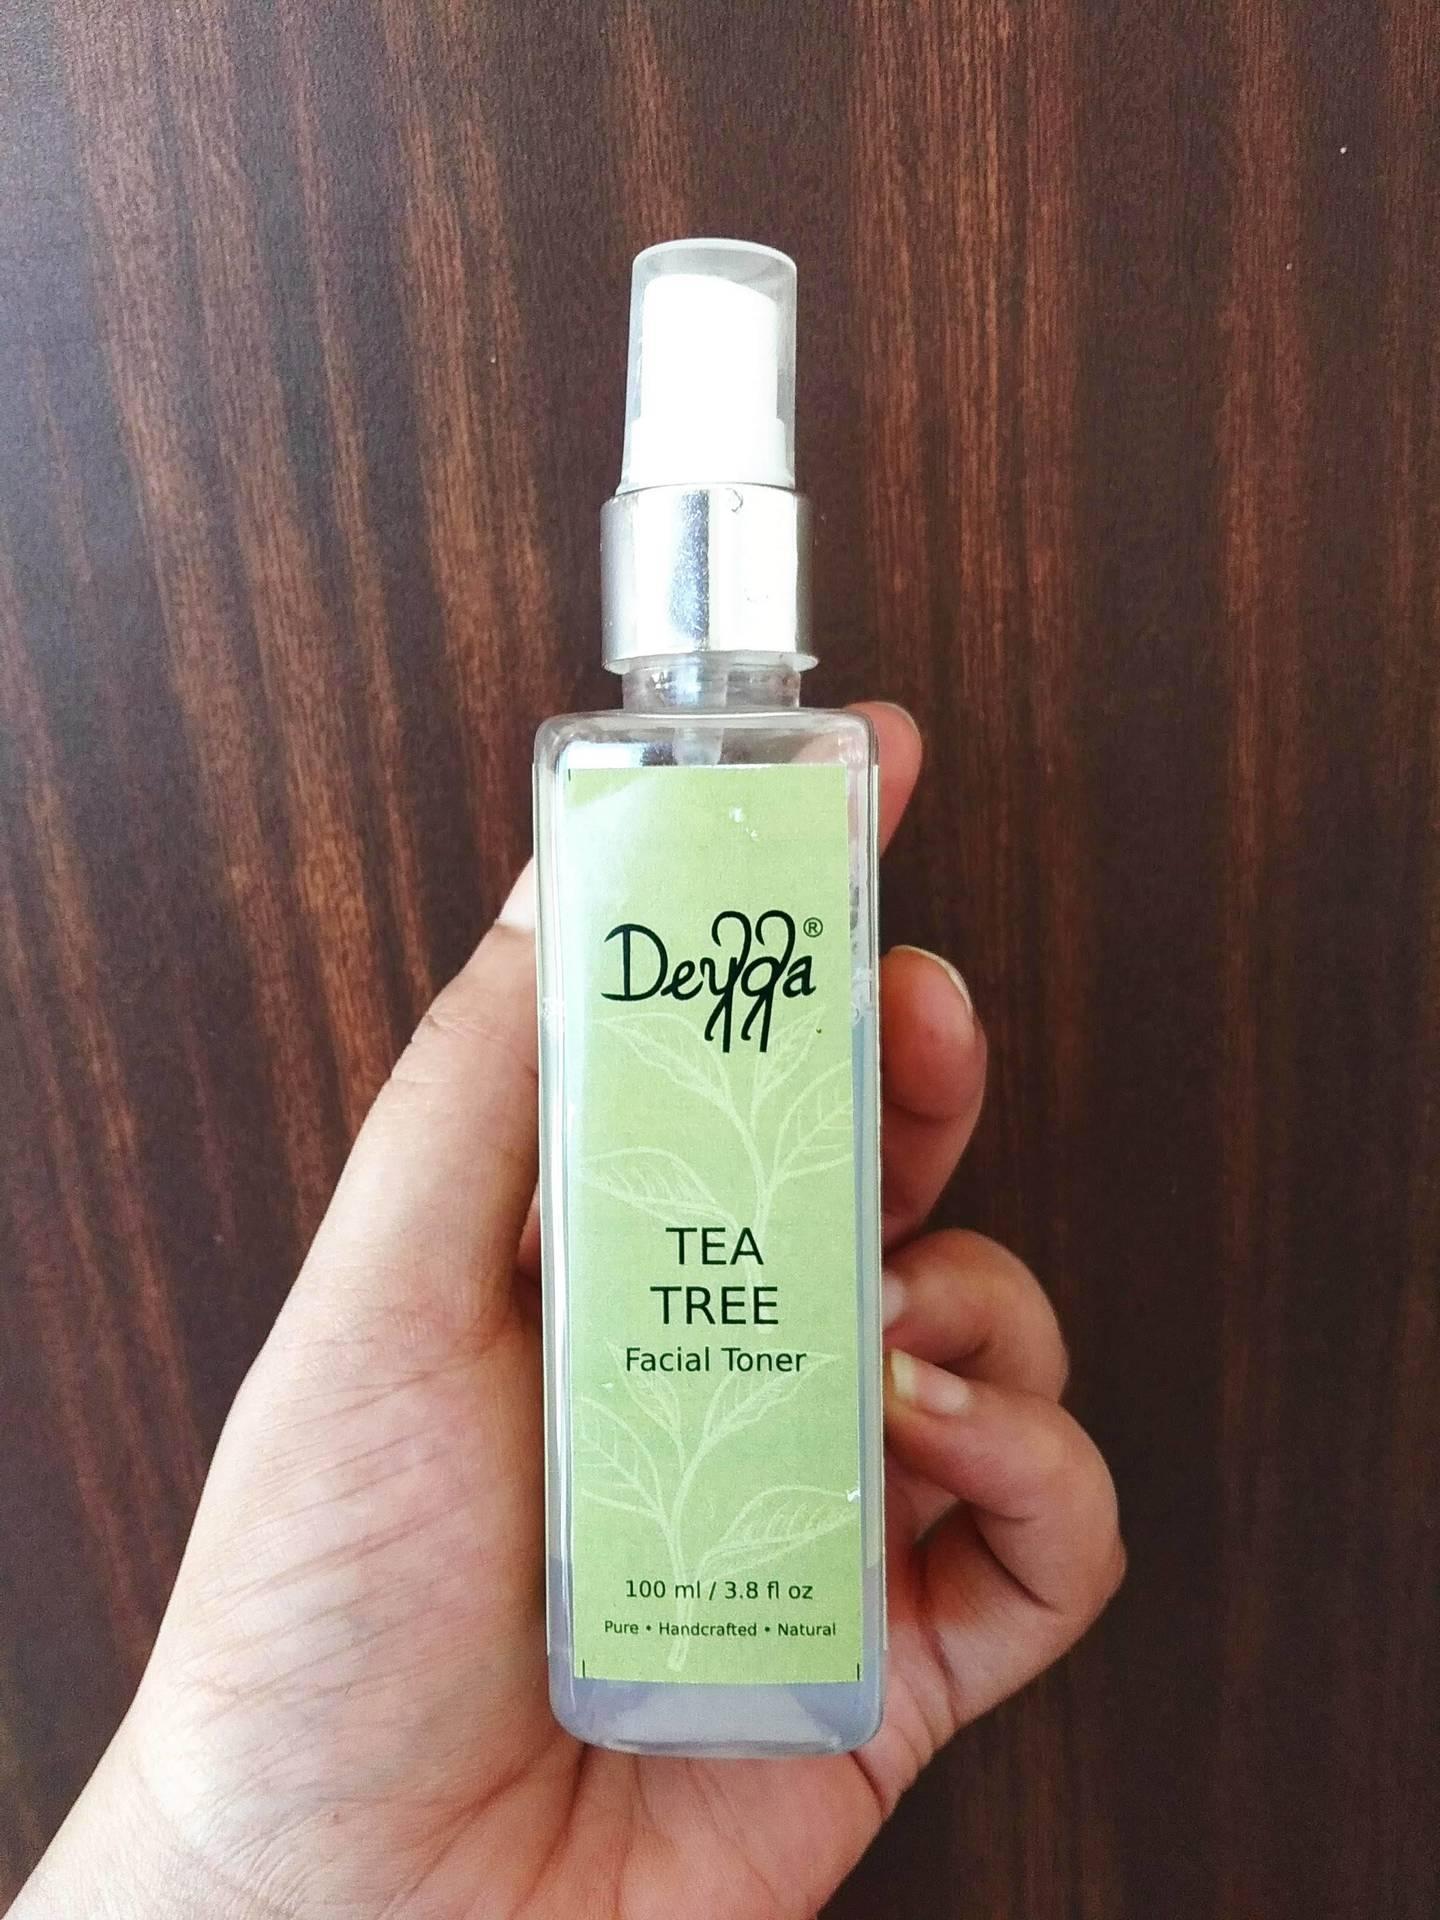 Deyga Organics - Tea Tree Facial Toner image